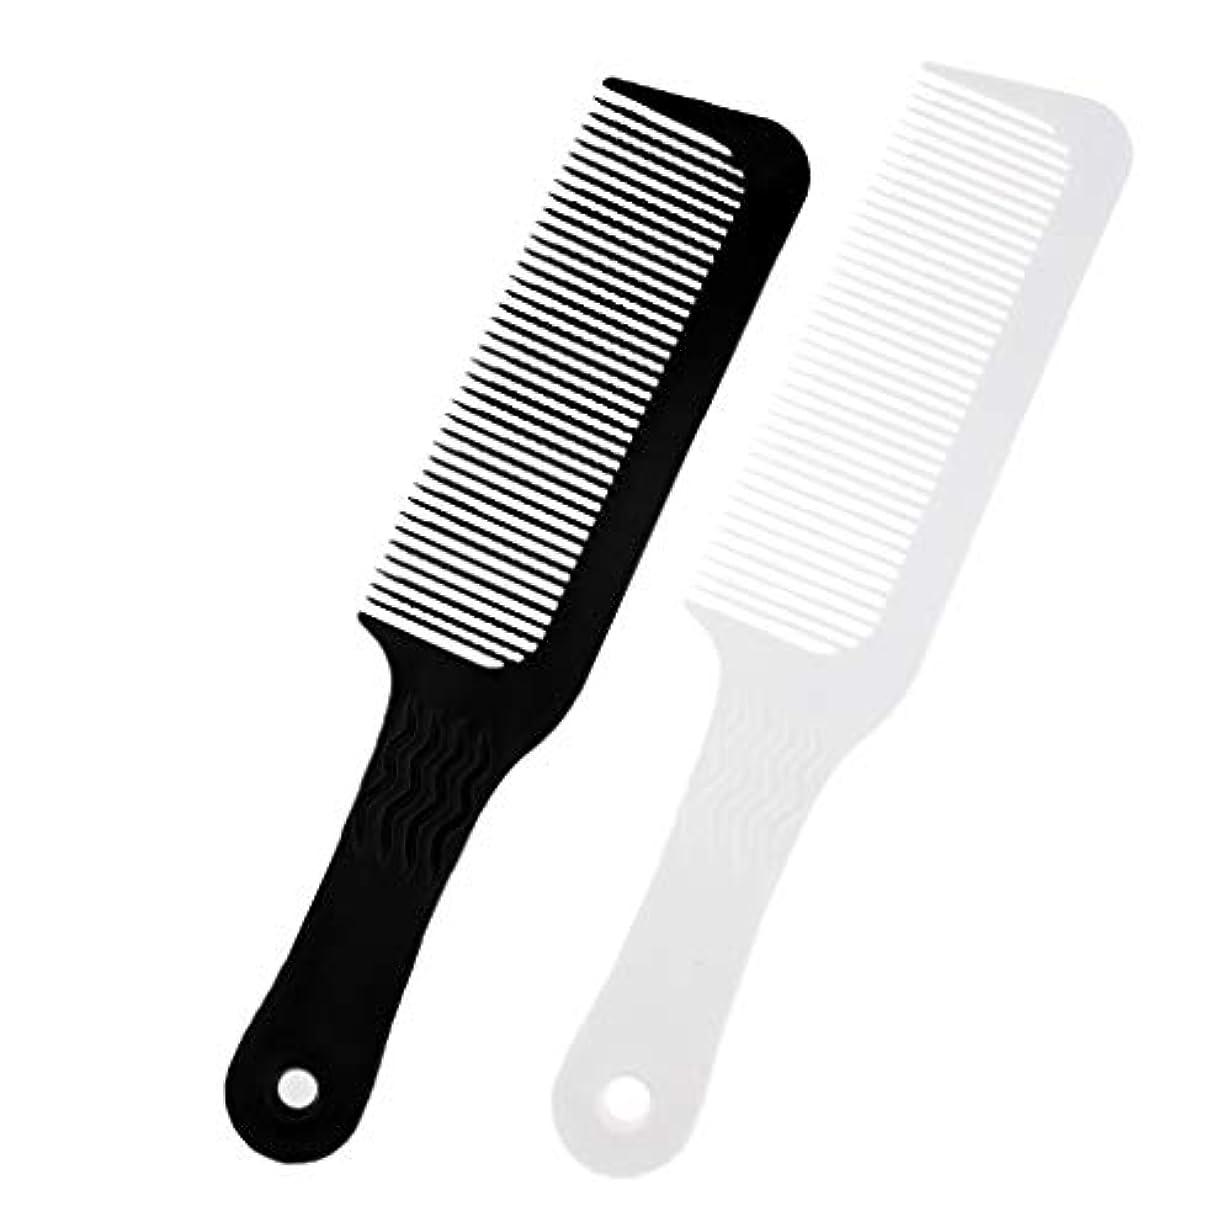 ガラガラ薬移住するToygogo プロ3ピース理髪サロンフラットトップクリッパーくし美容師スタイリング切削デタングルブラシツール